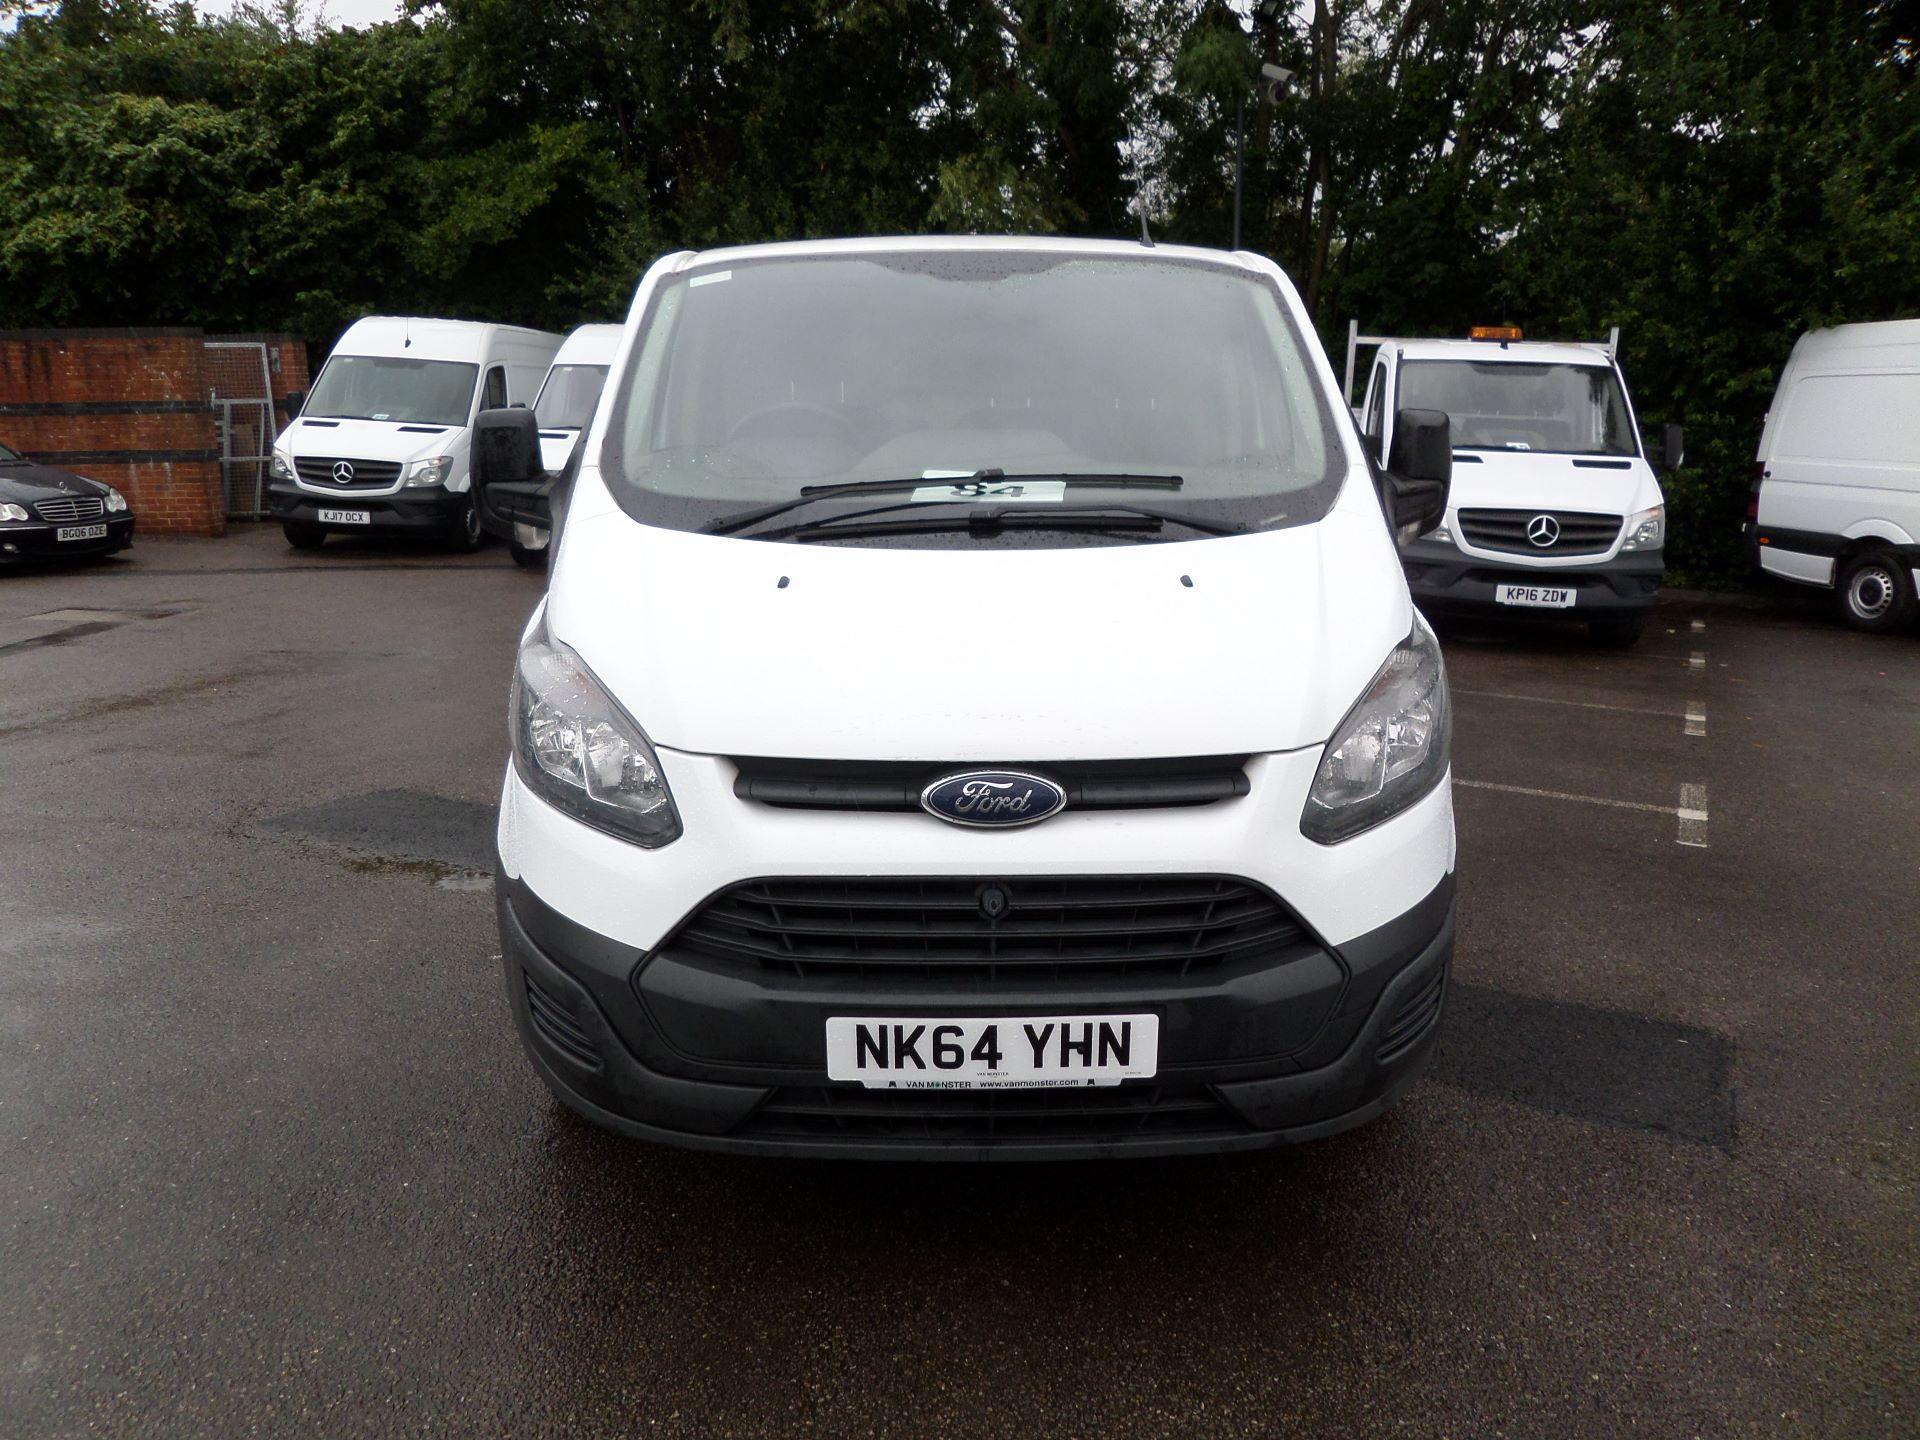 2014 Ford Transit Custom 290 L1 DIESEL FWD 2.2  TDCI 100PS LOW ROOF VAN EURO 5 (NK64YHN) Image 13